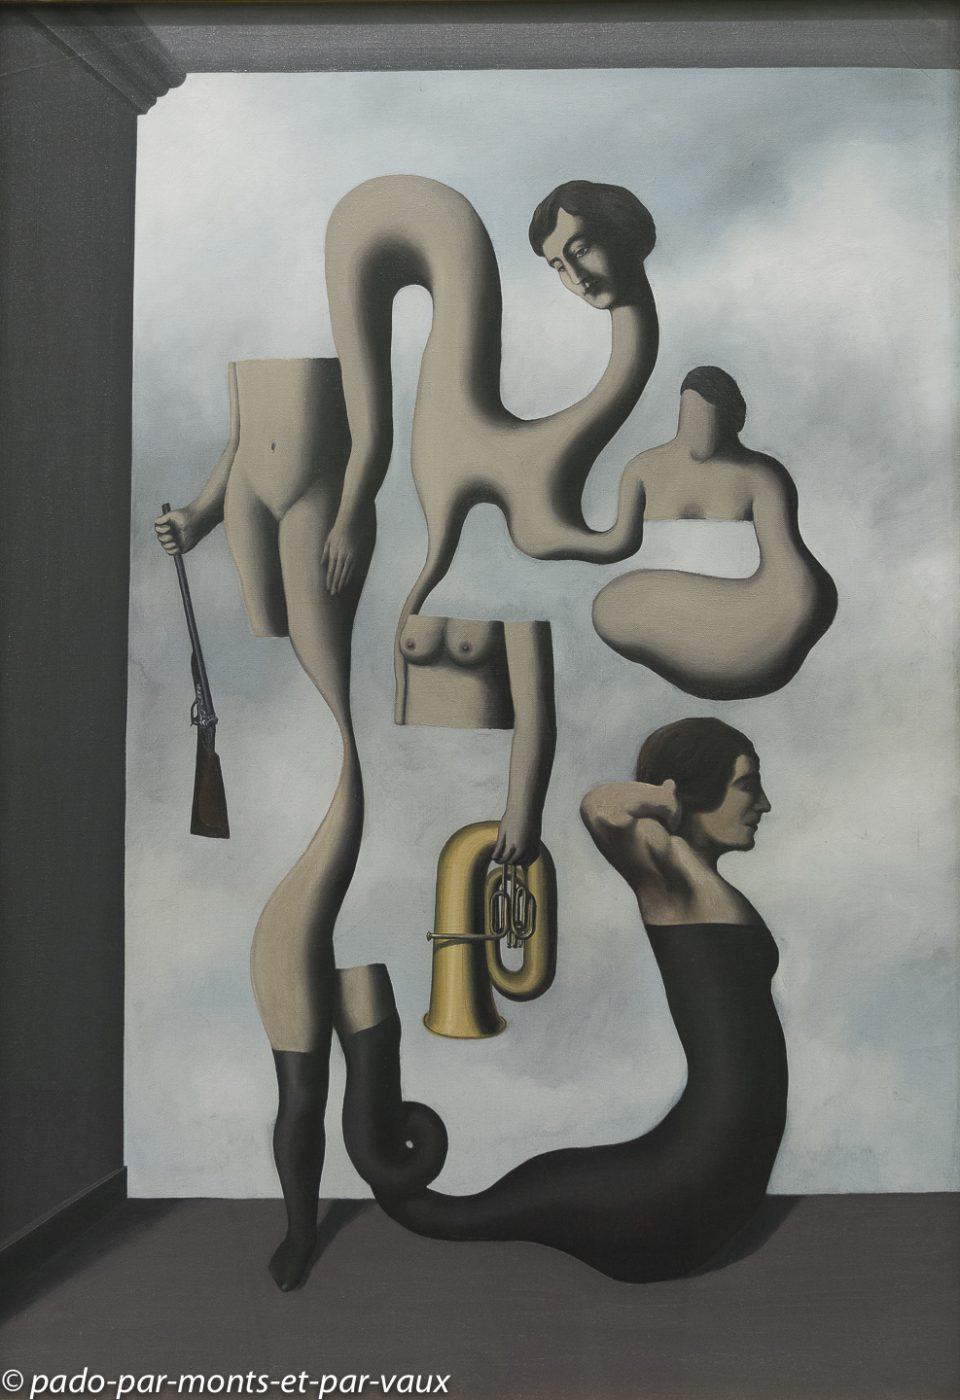 Munich pinacothèque d'art moderne - Magritte